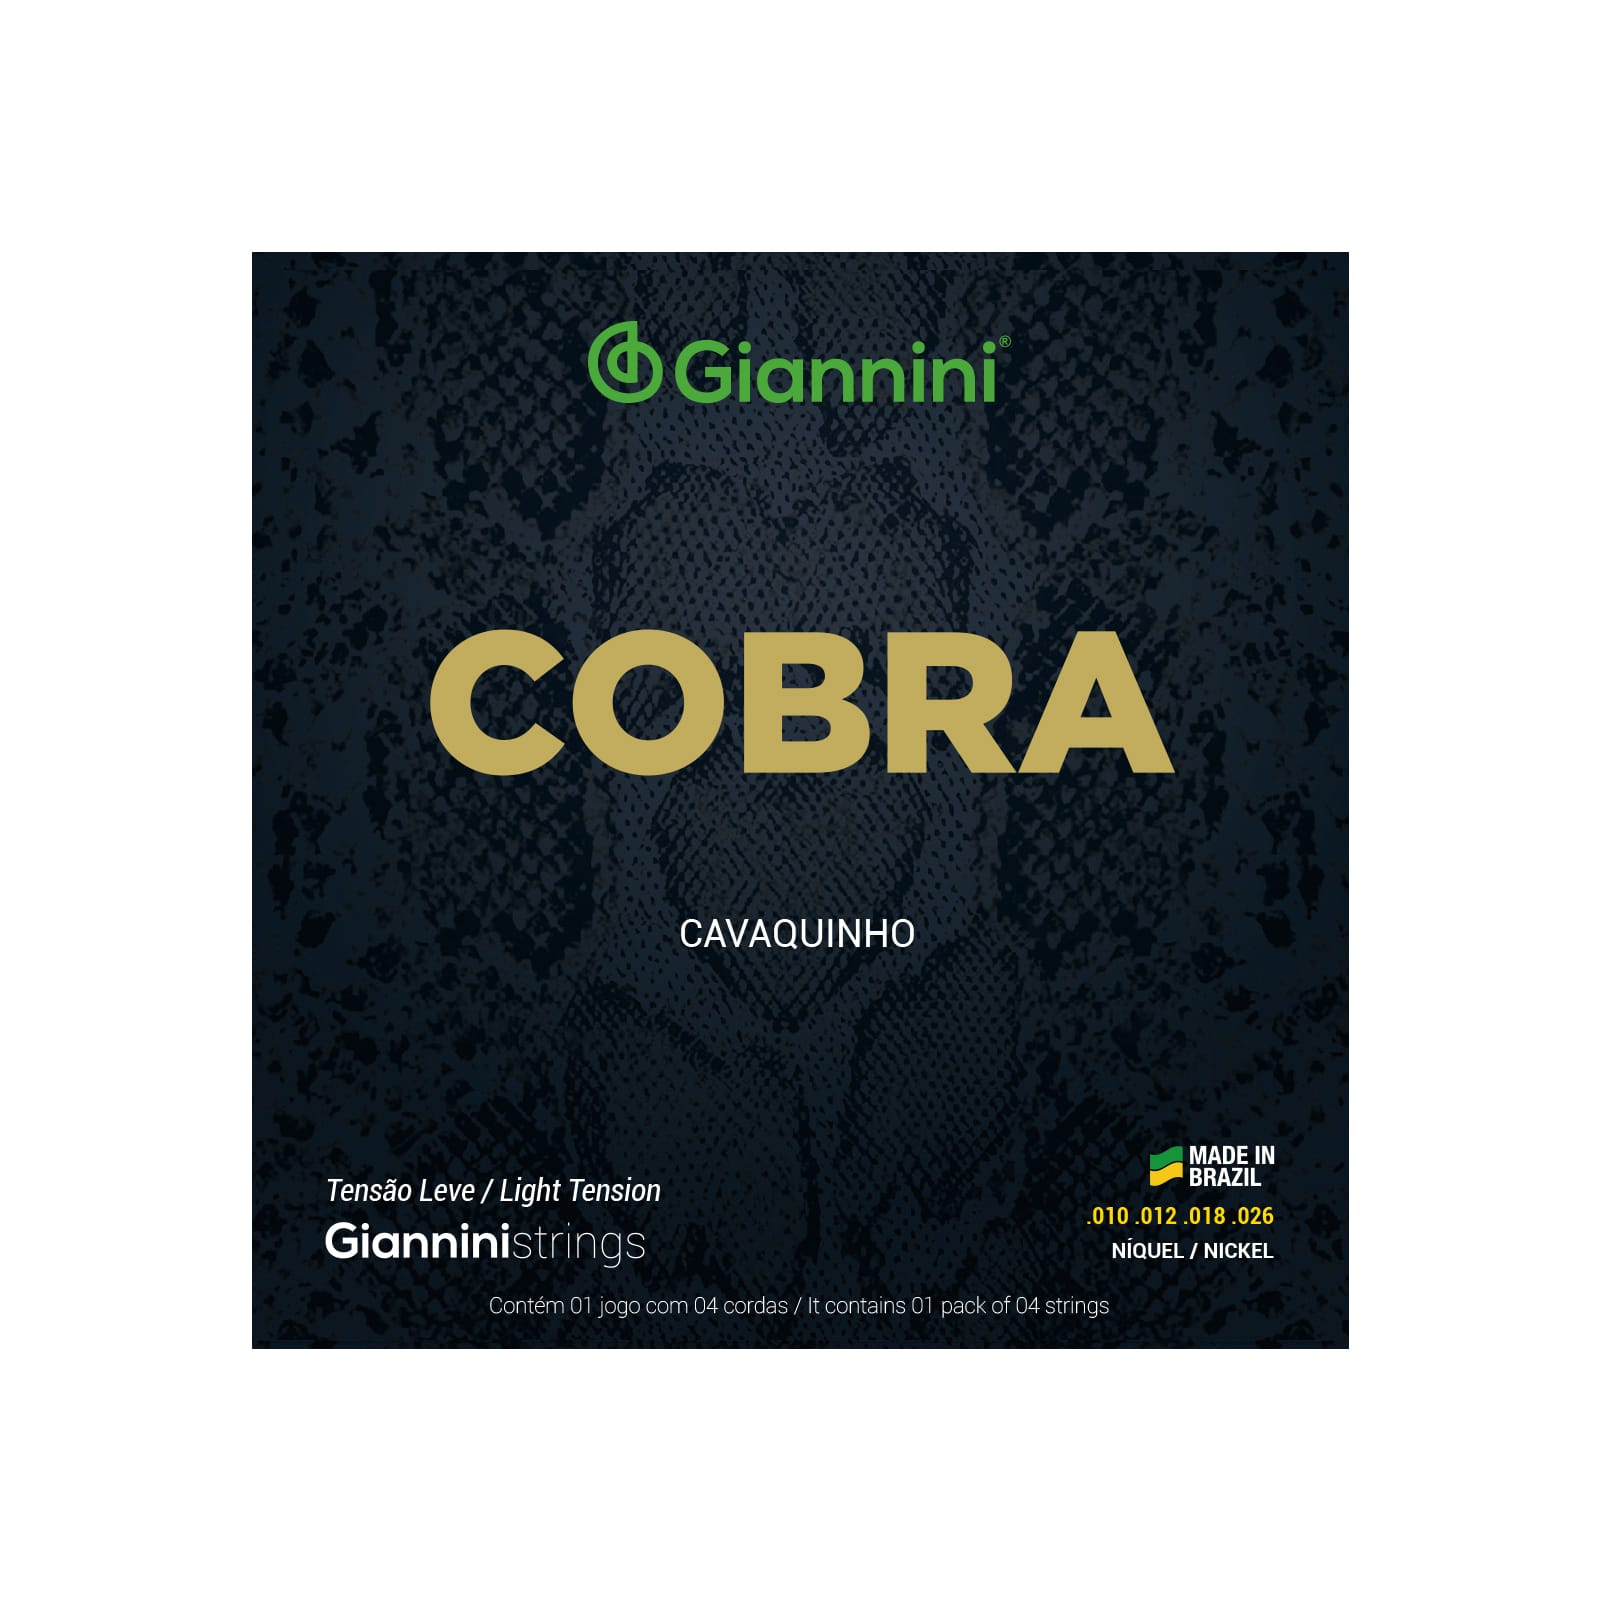 Encordoamento Giannini para Cavaquinho Cobra Níquel GESCL (.010 – .026) Leve